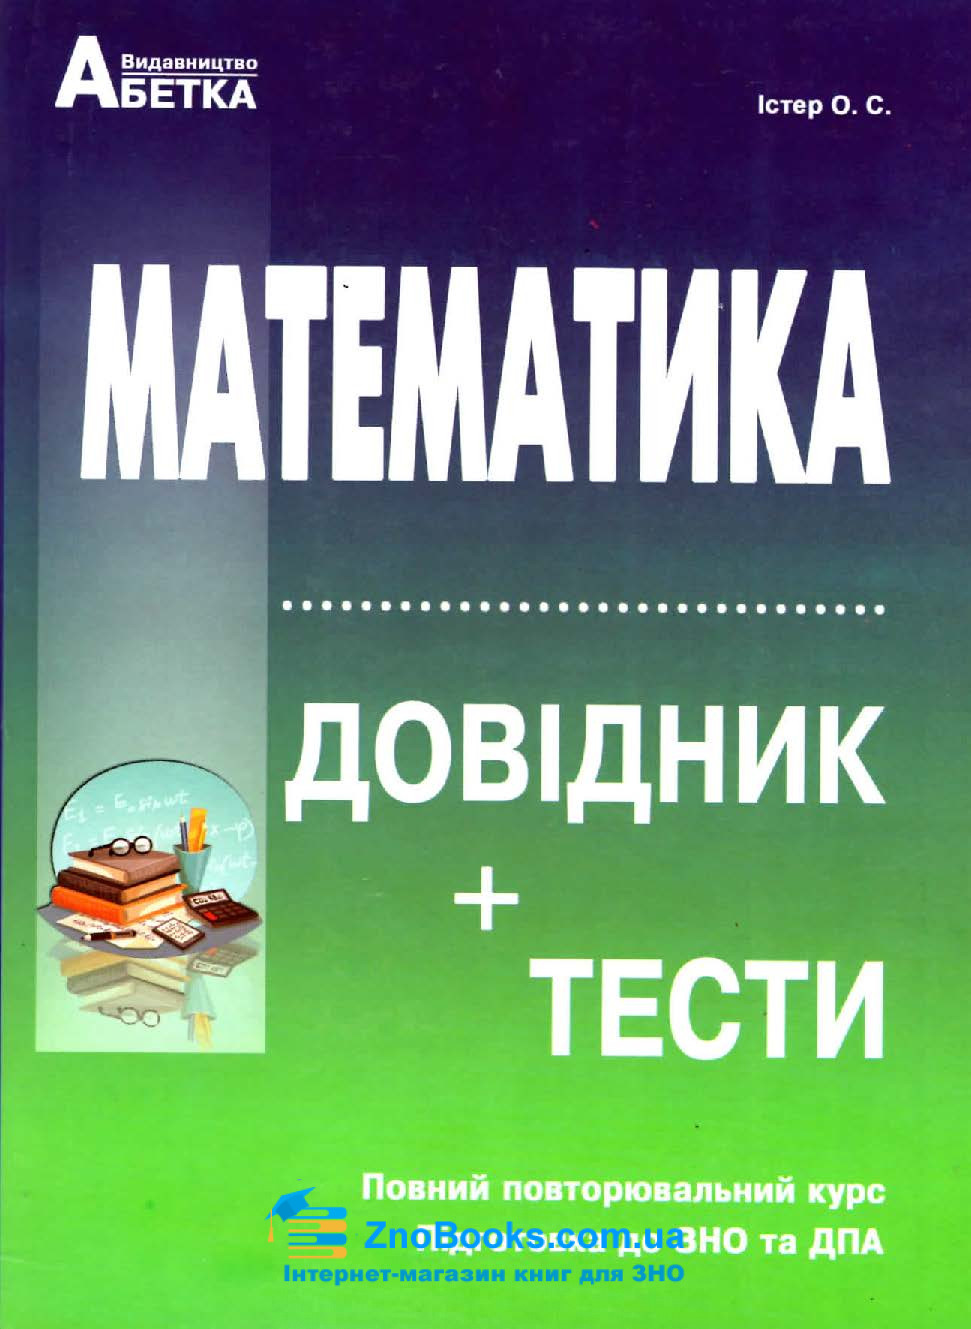 Математика ЗНО 2021. Довідник + тести : Істер О. Абетка. купити 0